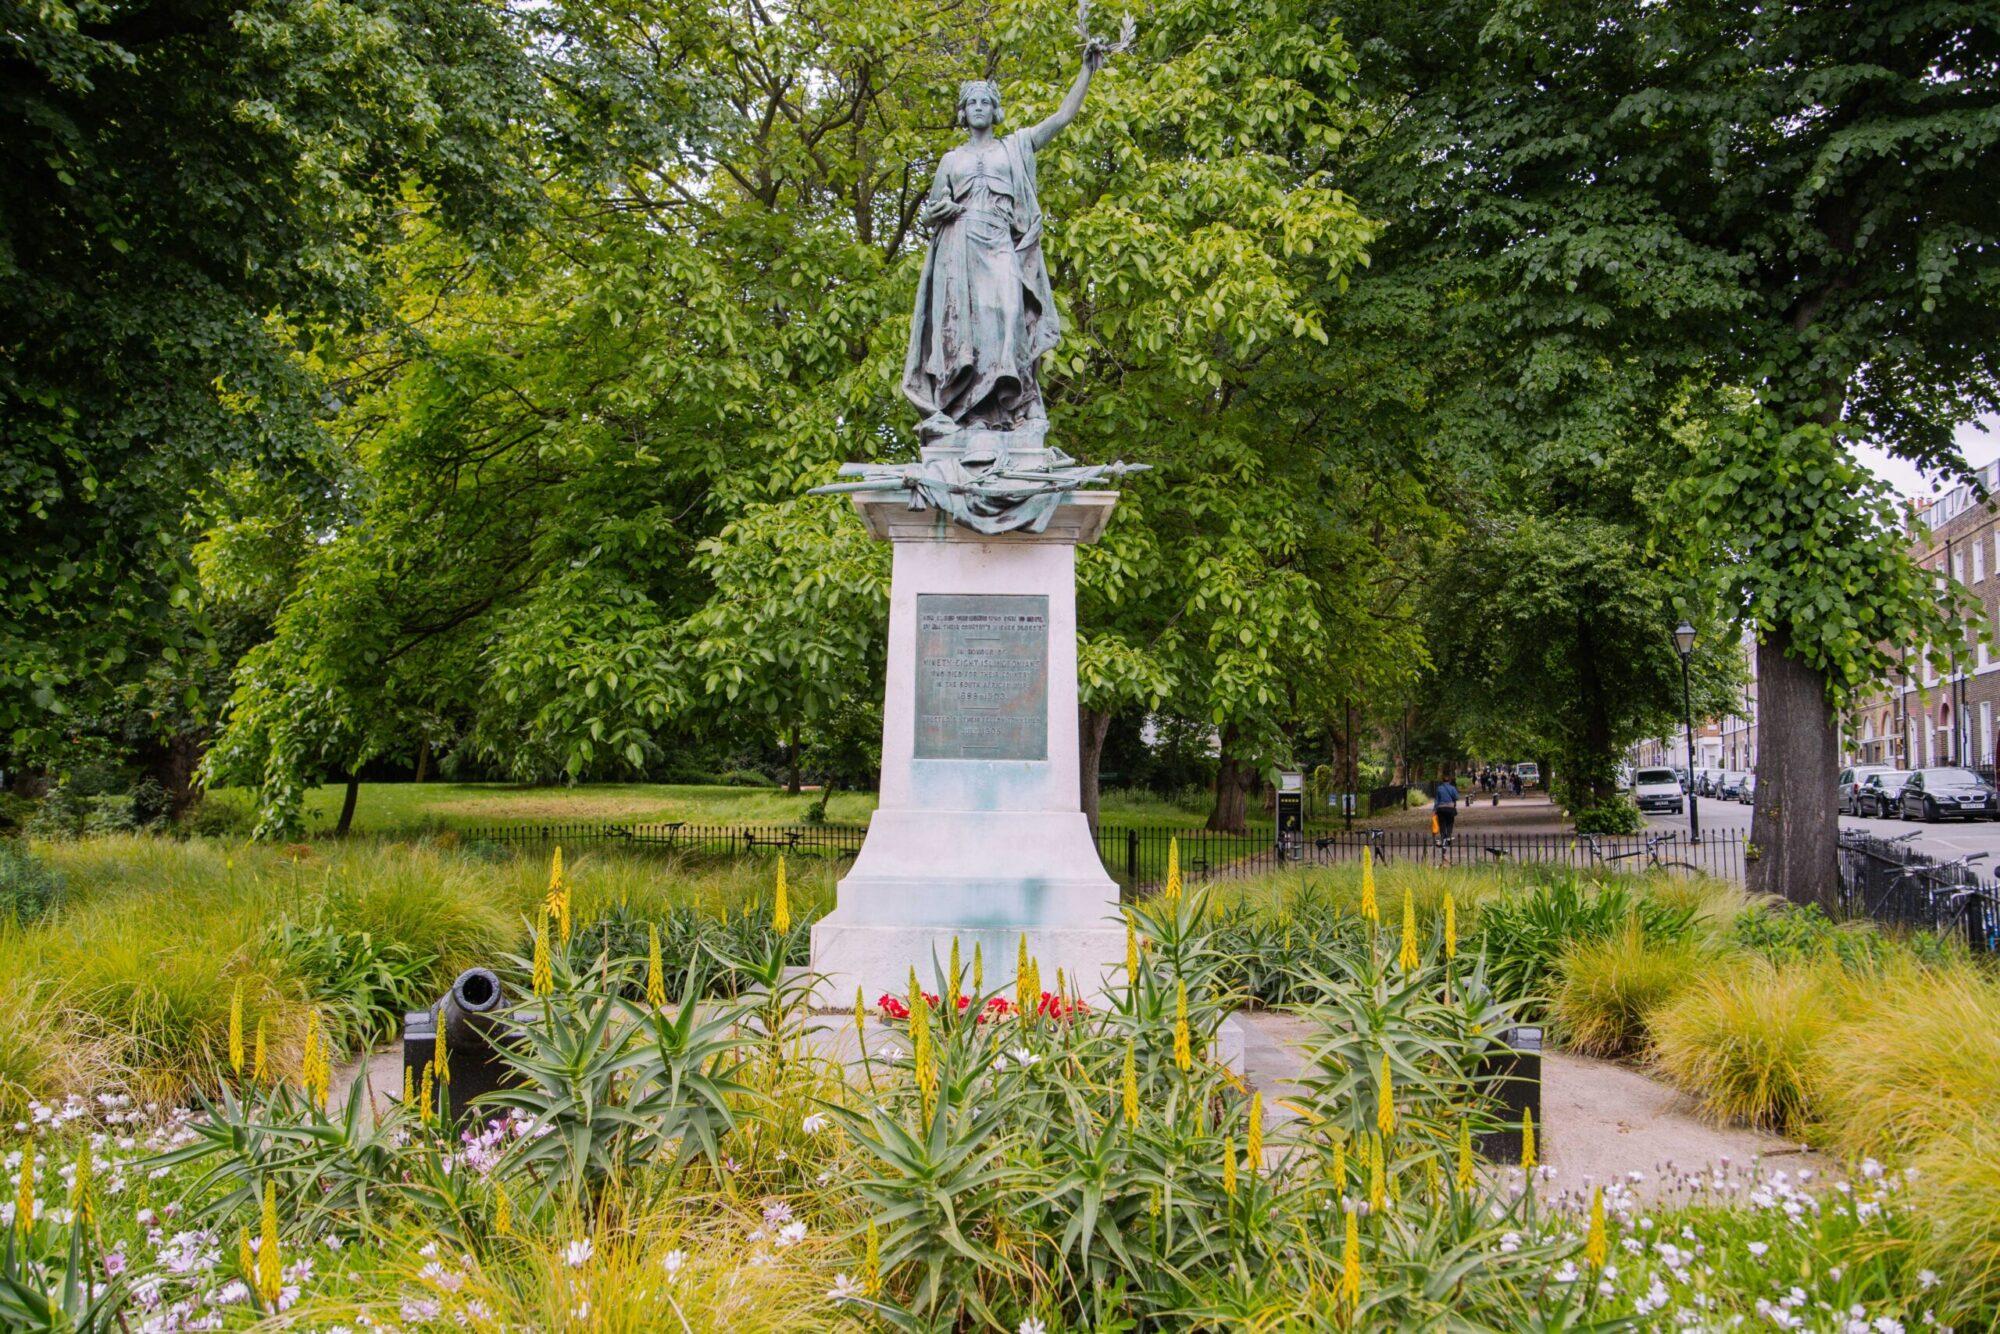 A statue in highbury park.,